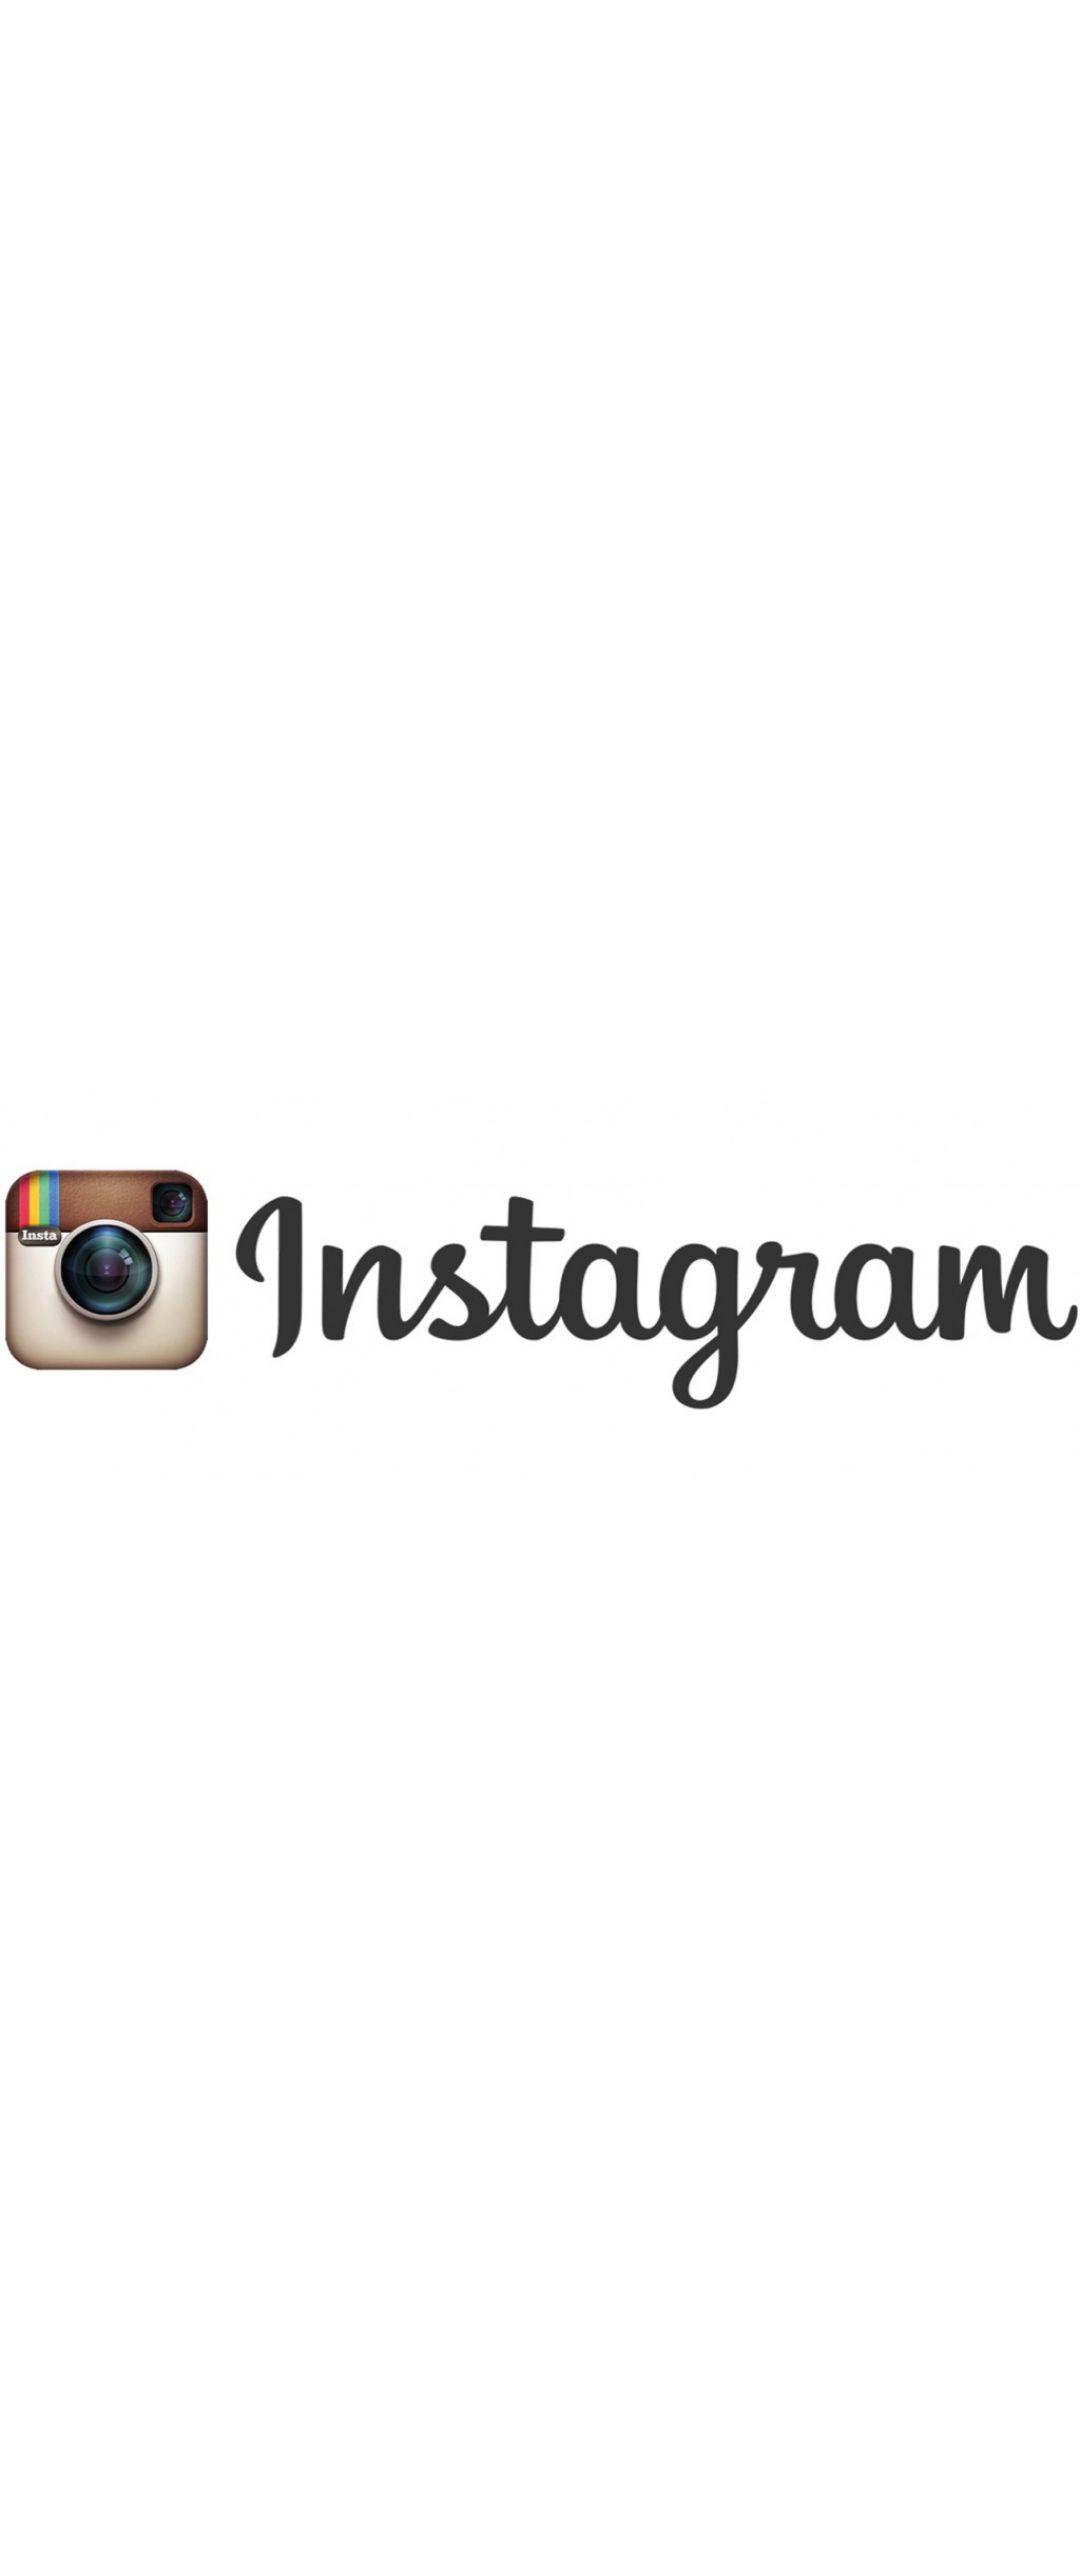 Instagram te permitira filtrar o deshabilitar los comentarios